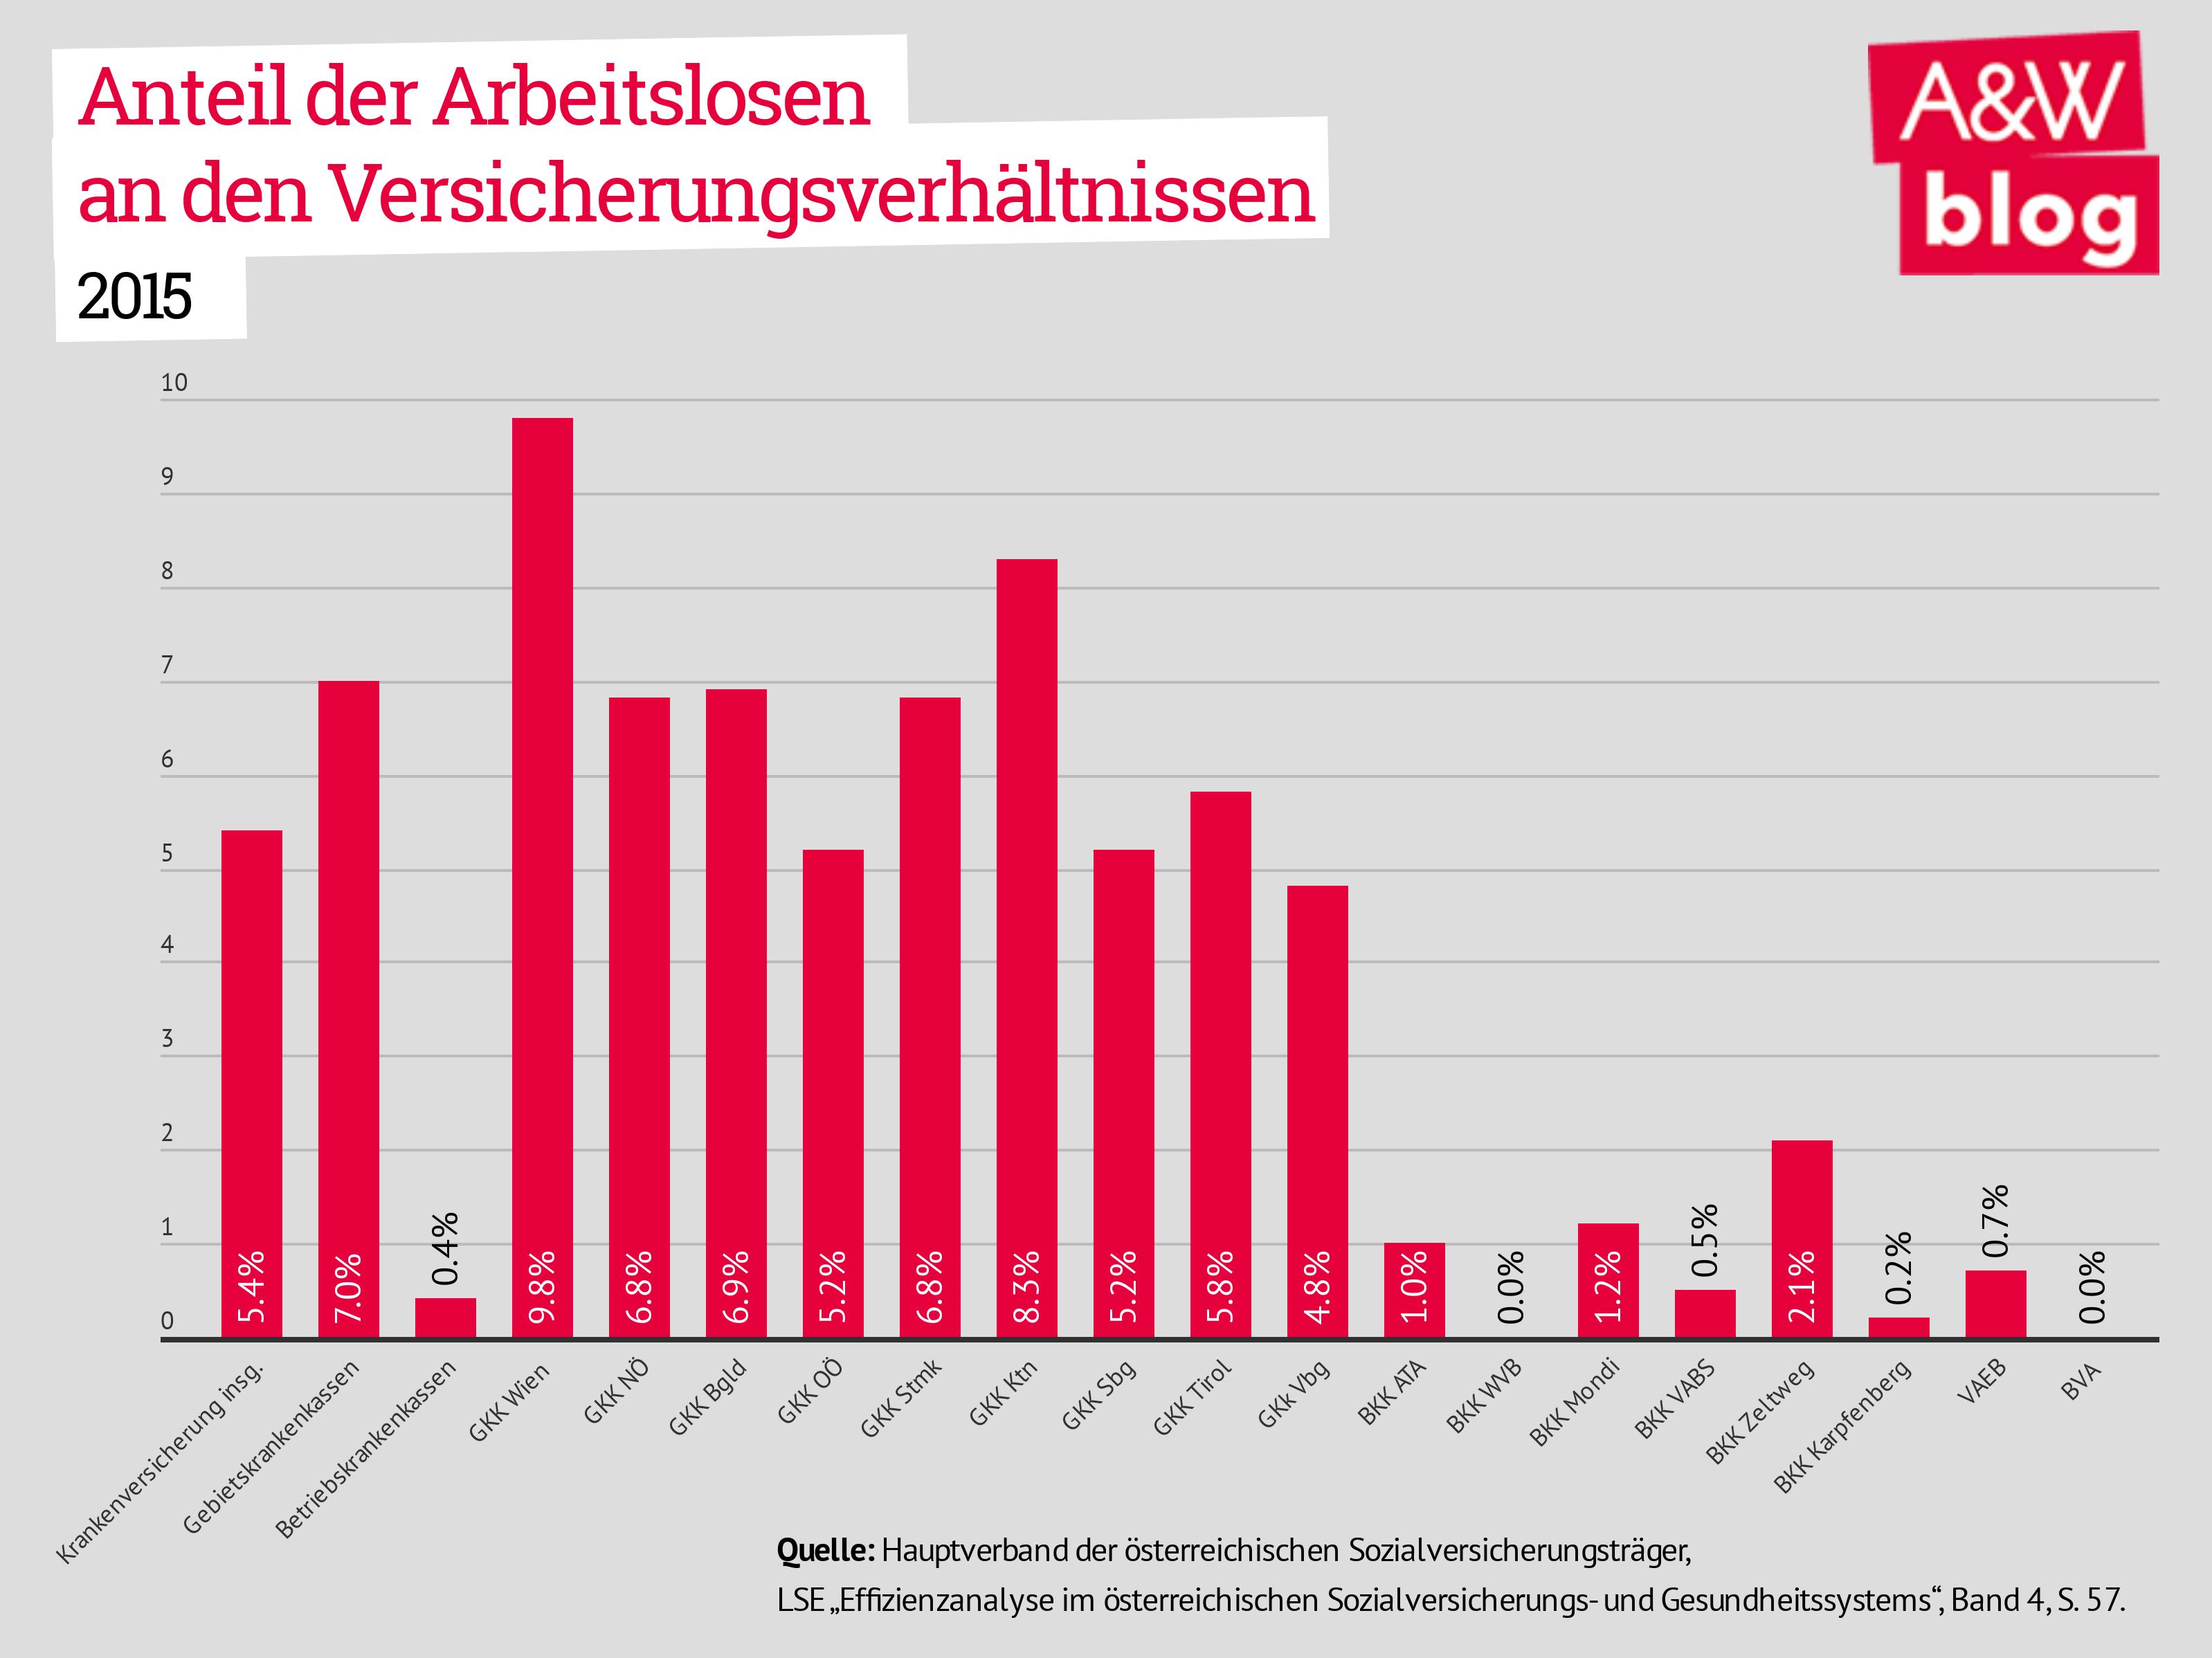 Anteil der Arbeitslosen an den Versicherungsverhältnisen 2015